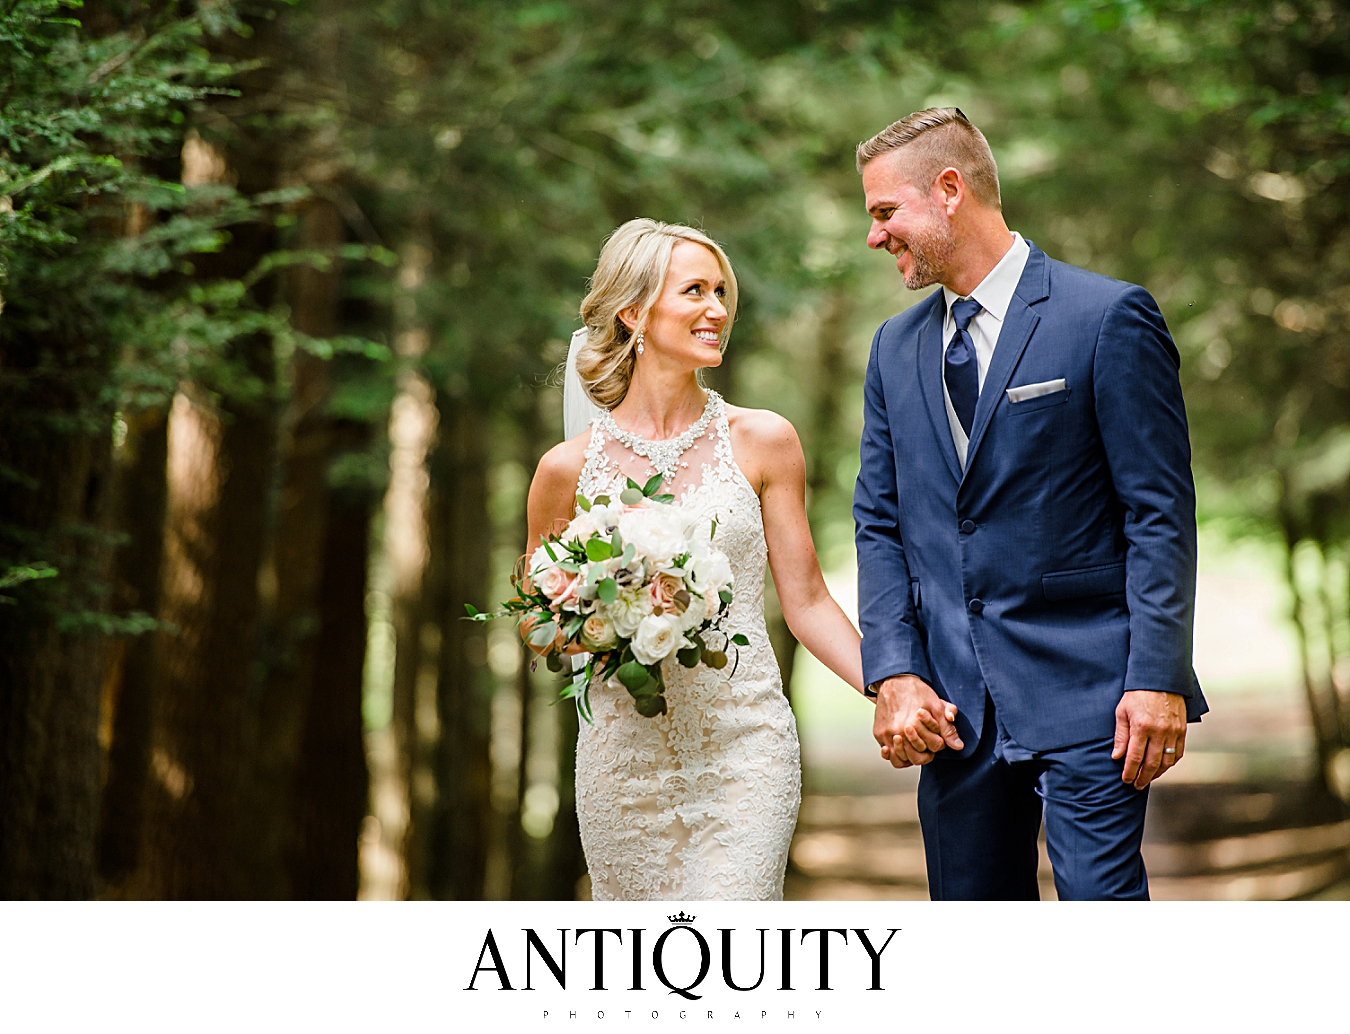 nepa wedding photography